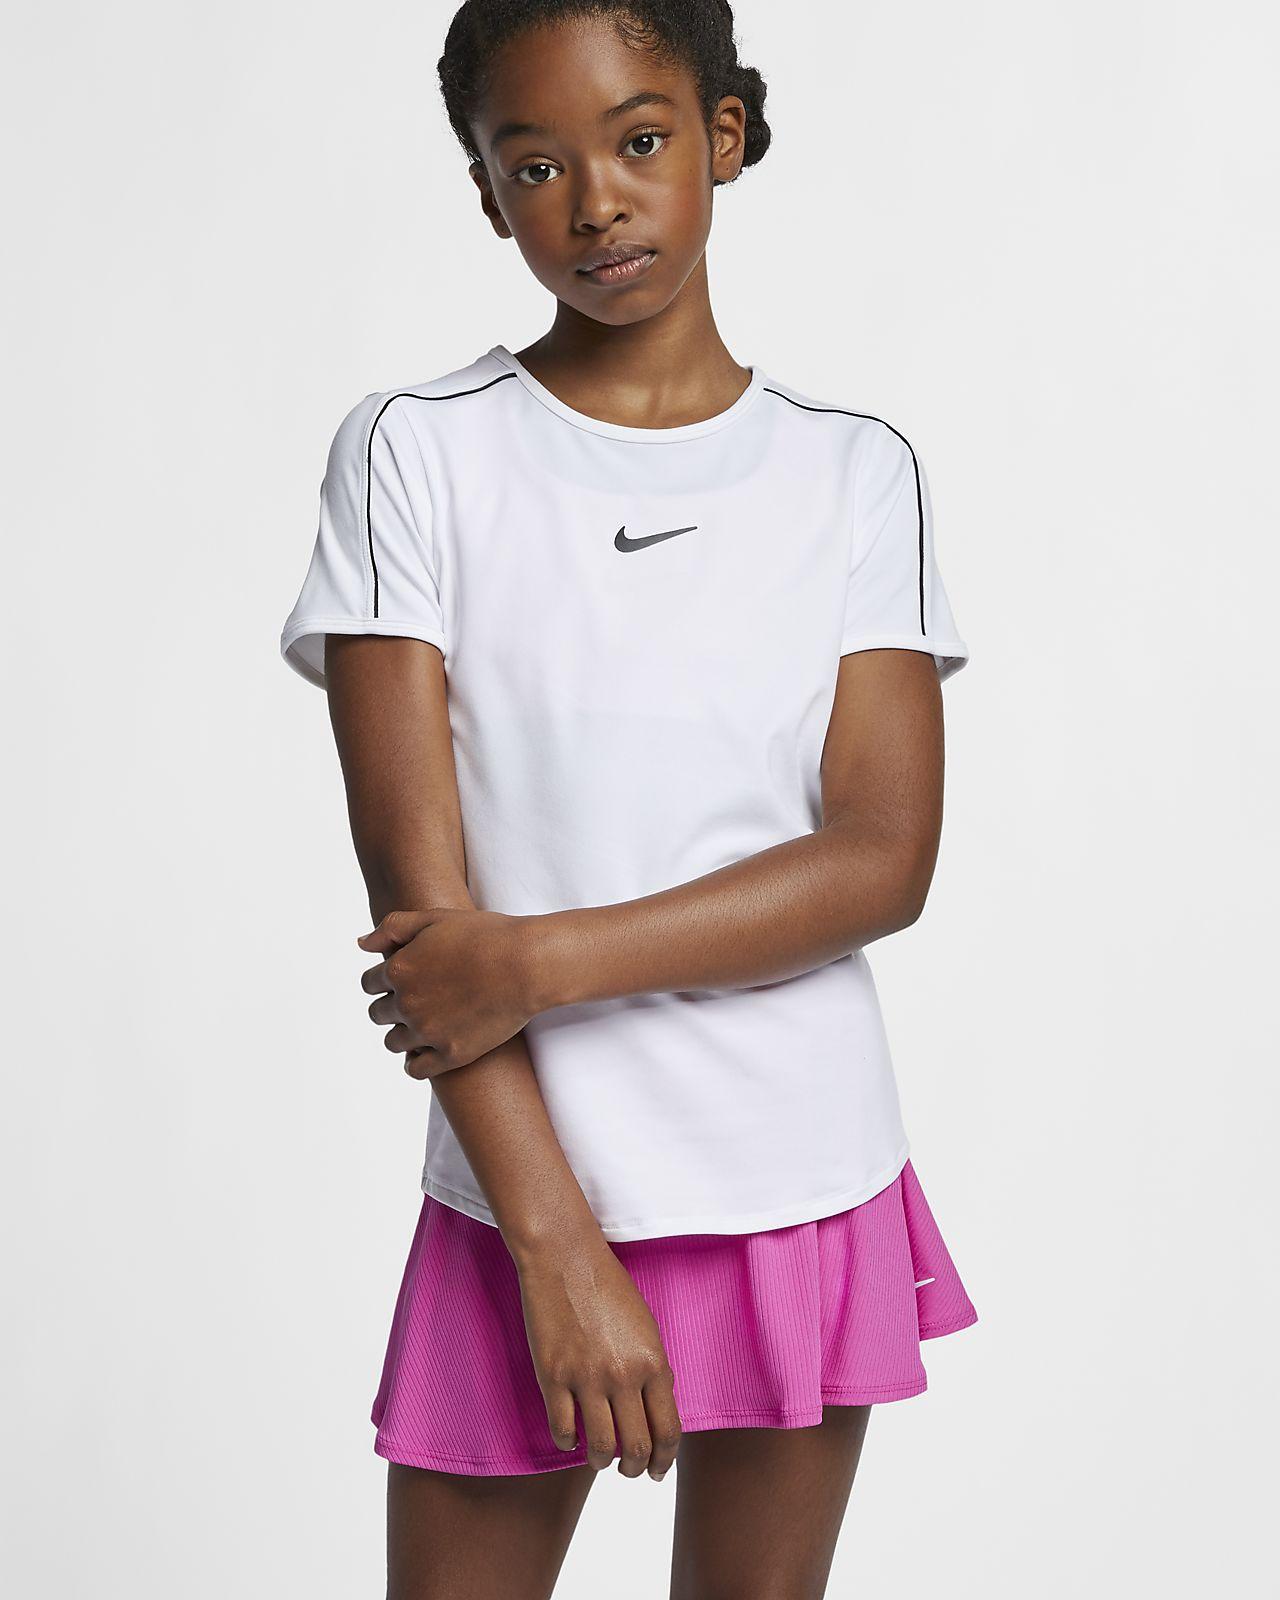 Μπλούζα τένις NikeCourt Dri-FIT για μεγάλα κορίτσια